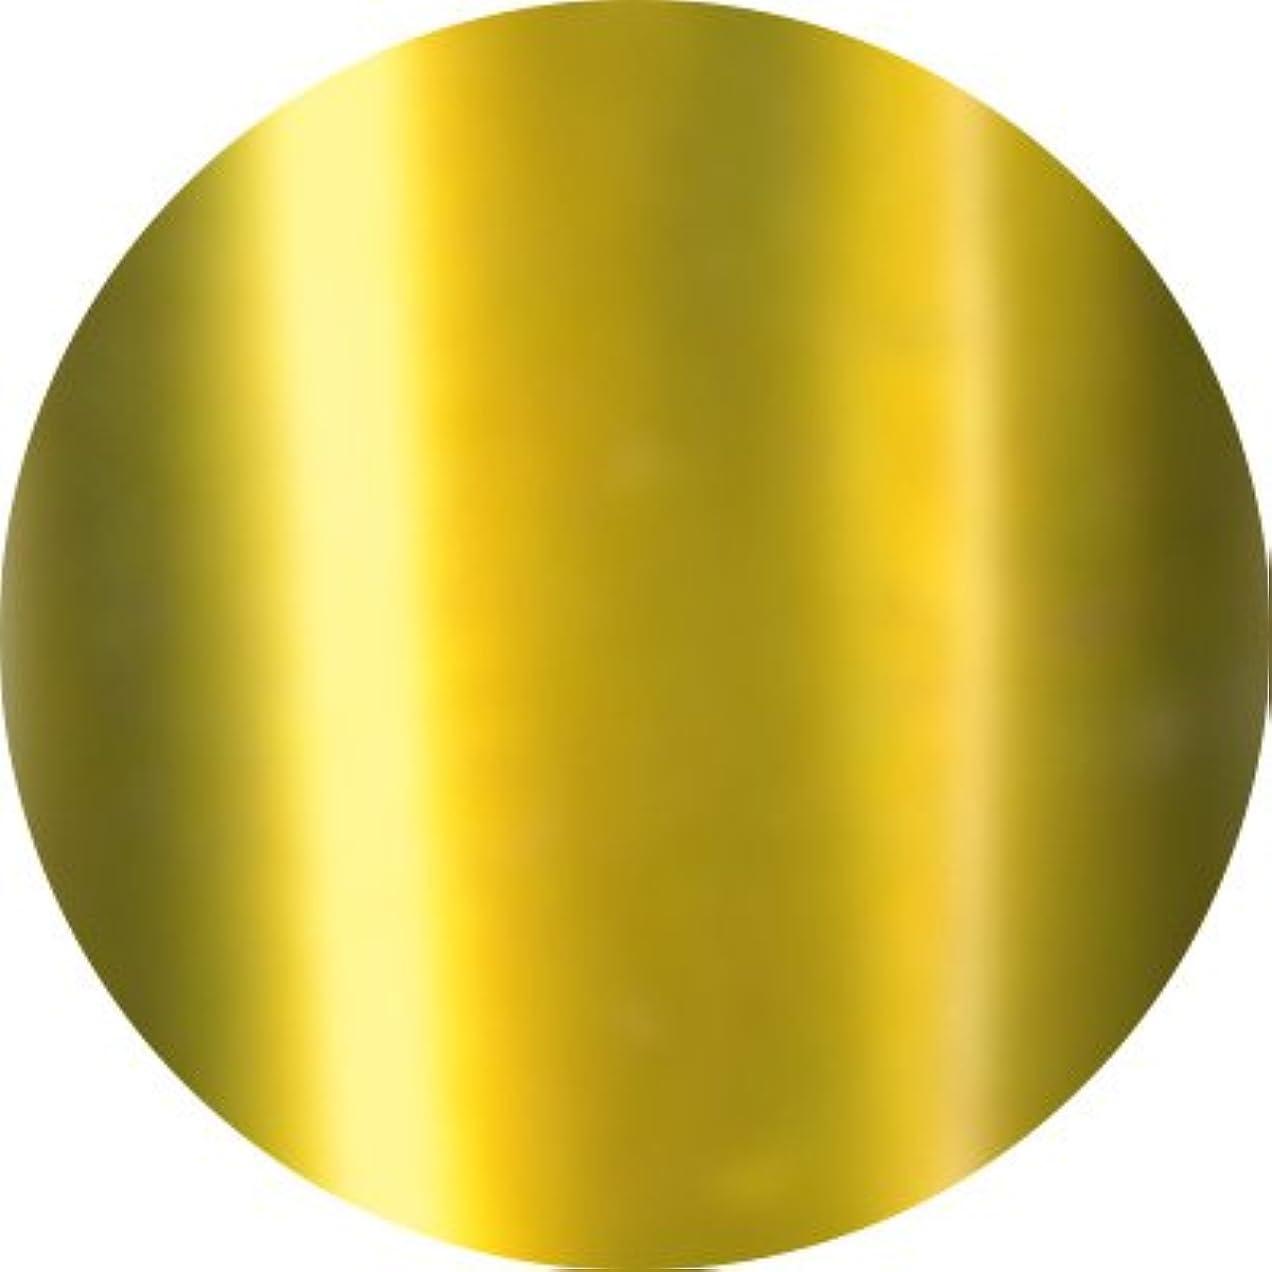 クローンエールロケーションJewelry jel(ジュエリージェル) カラージェル 5ml<BR>ピッカピカメタリック MKゴールド